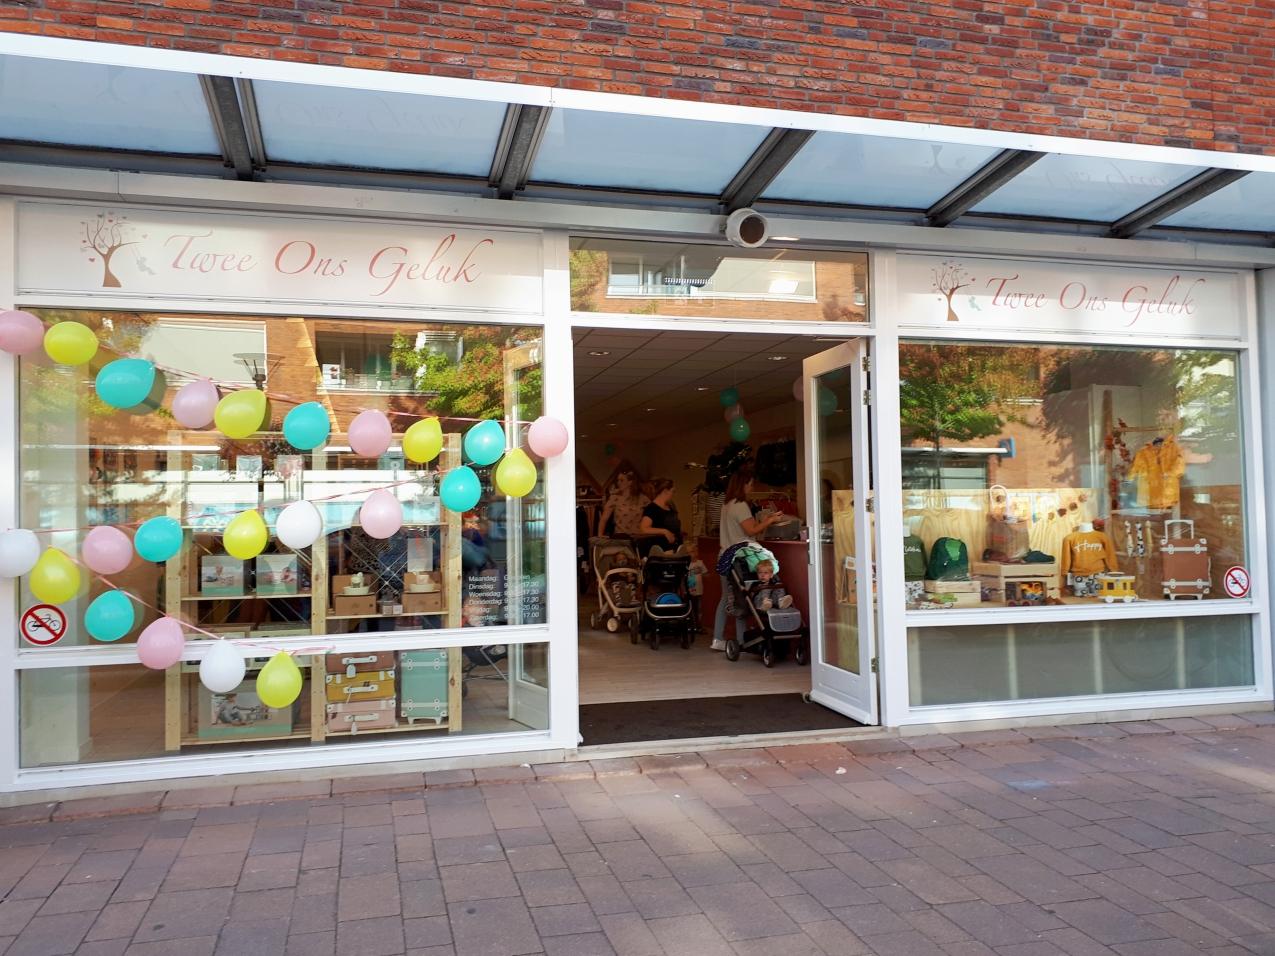 twee-ons-geluk-puttershoek-nieuwe-winkel-babywinkel